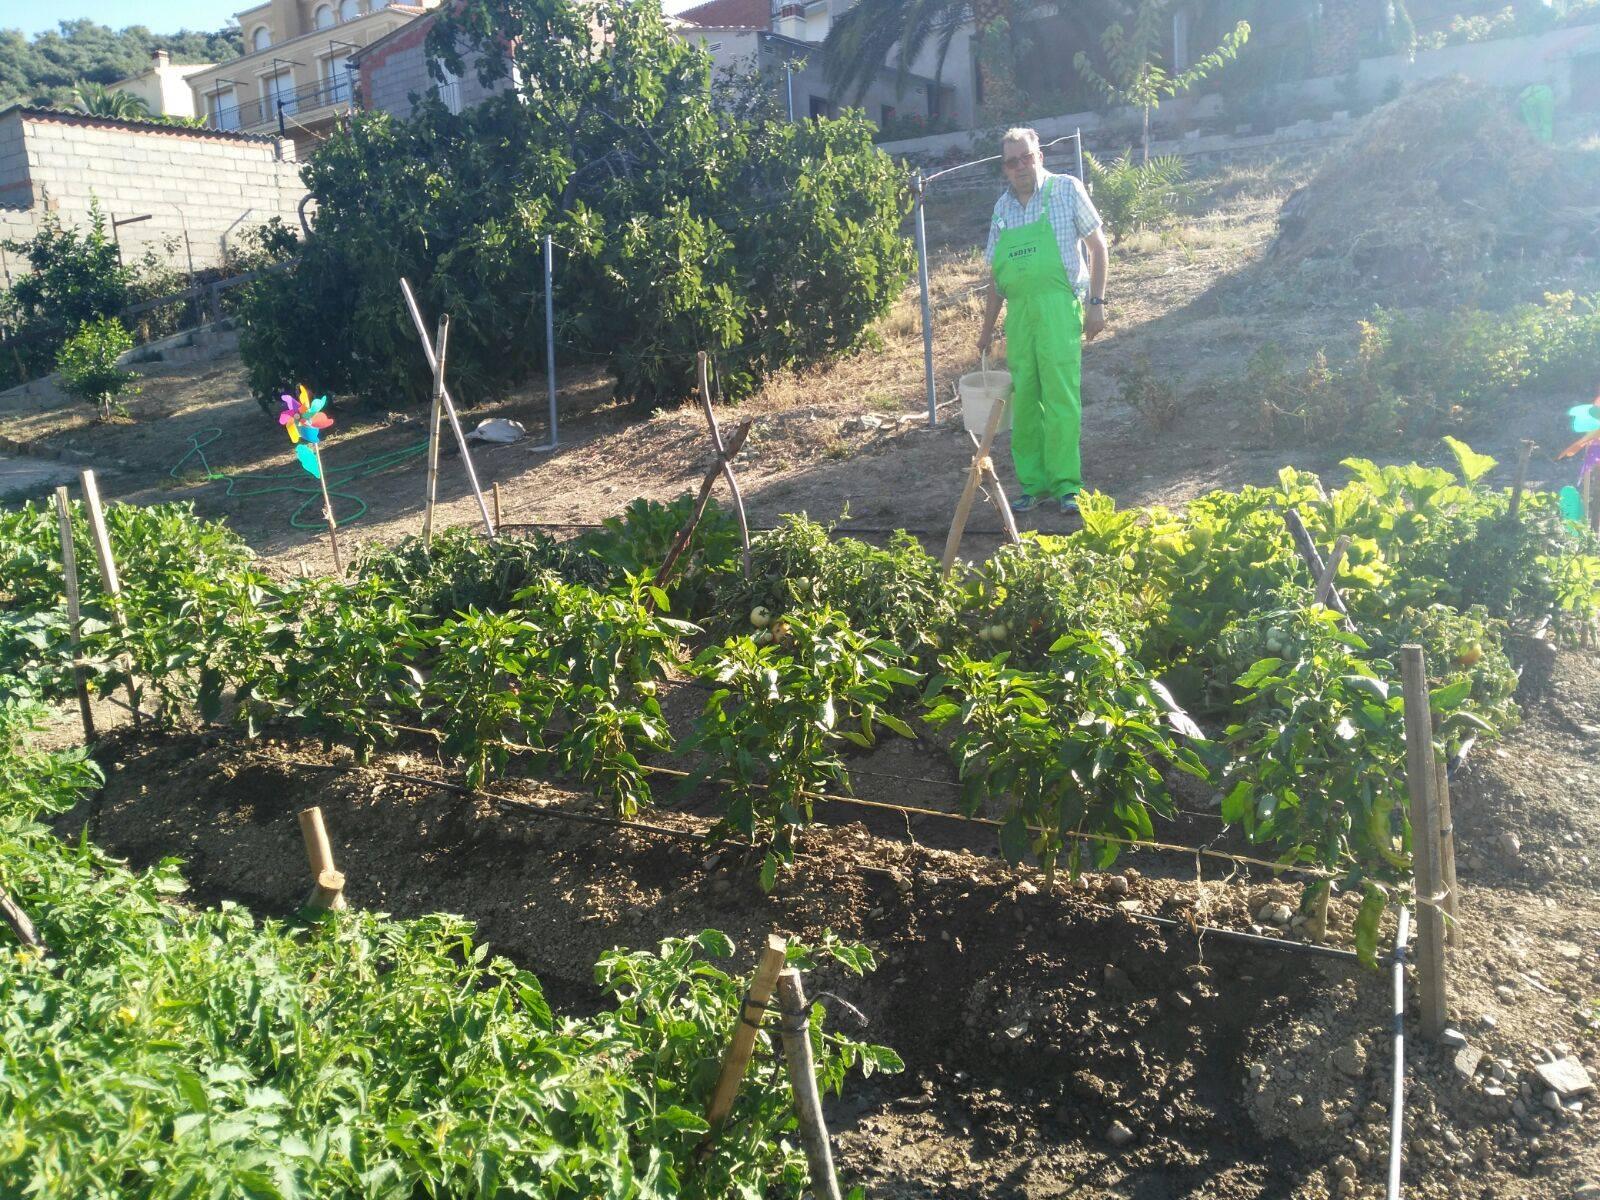 Recogiendo la cosecha 1